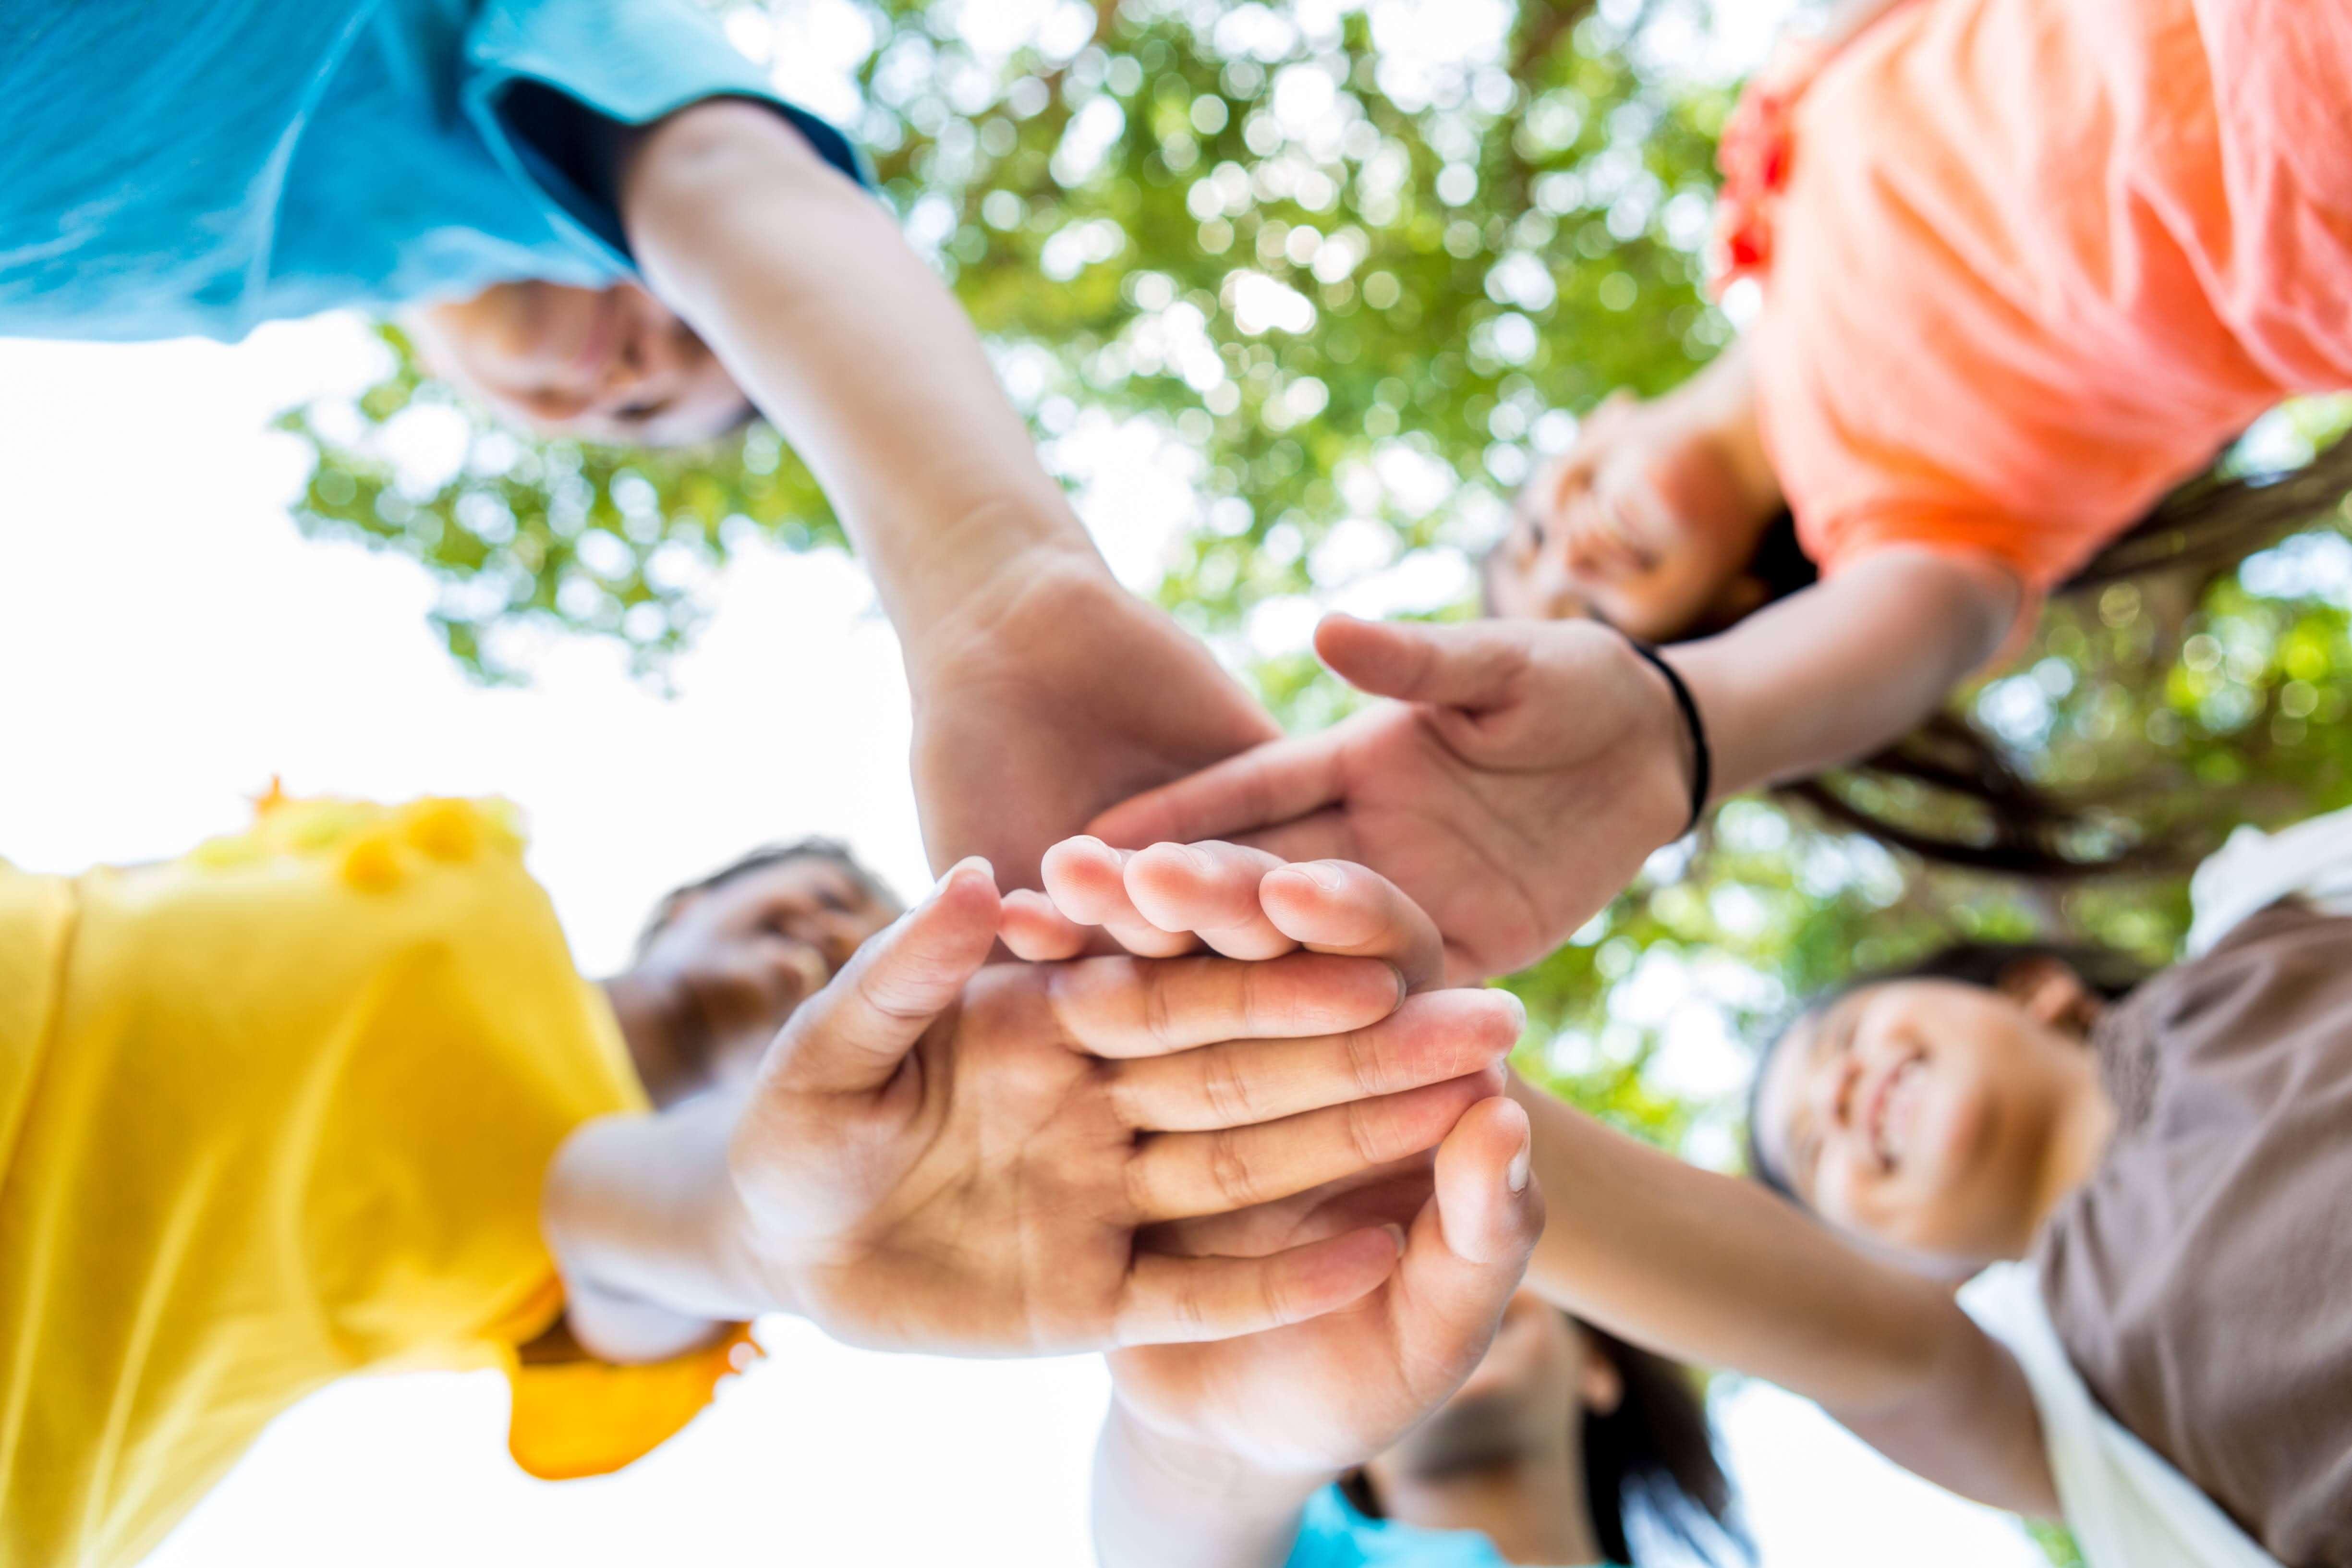 #AprendendoJuntos para evitar a evasão escolar